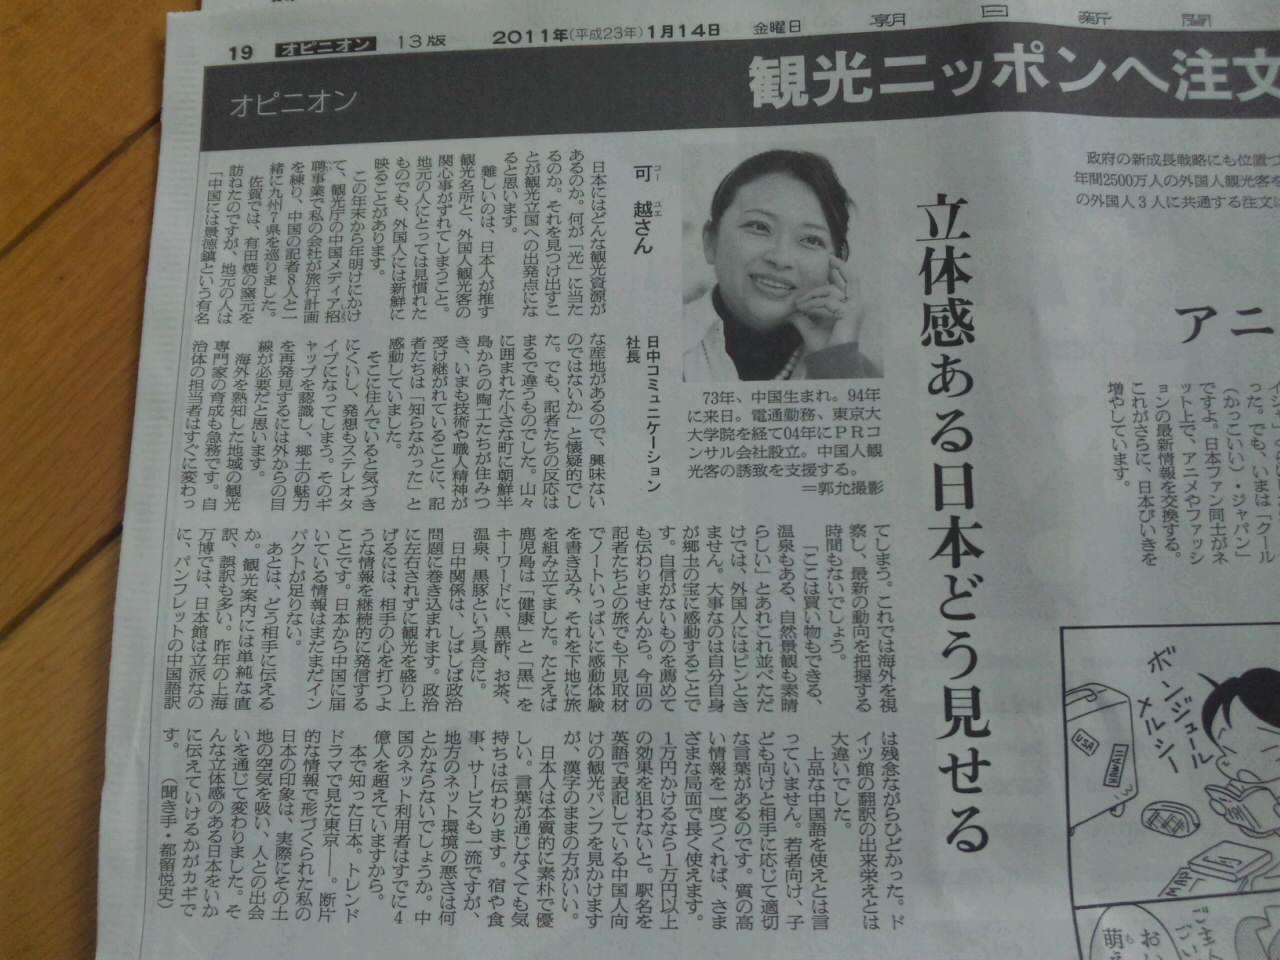 可越さん 朝日新聞に大きく登場_d0027795_9242465.jpg